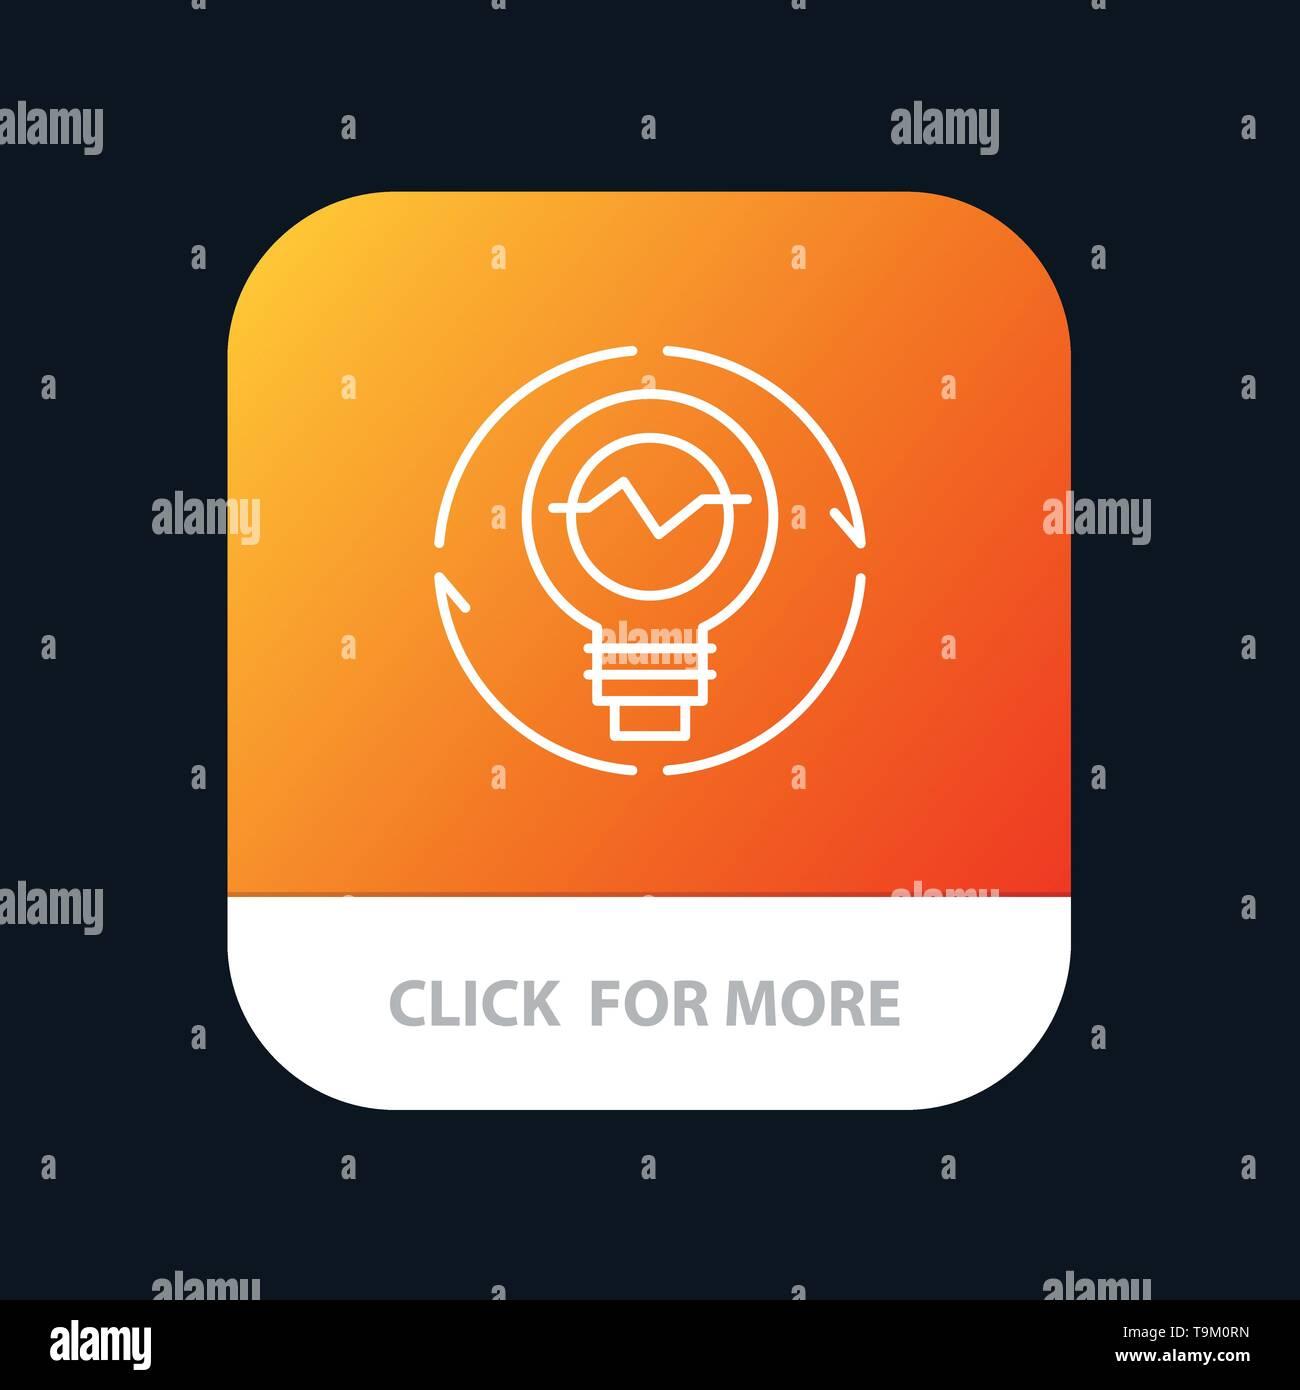 Bulb, Concept, Generation, Idea, Innovation, Light, Light bulb